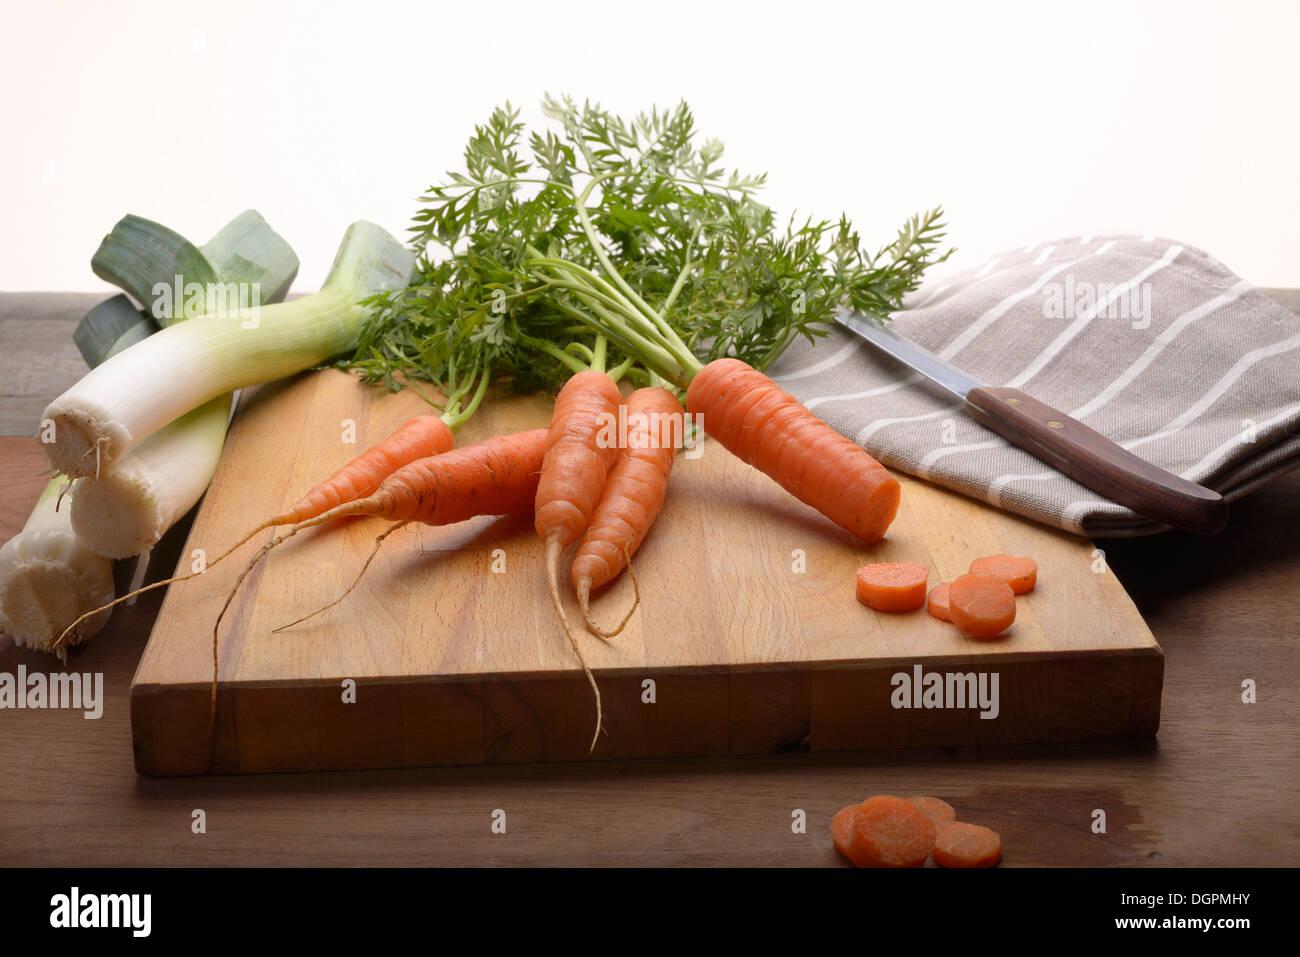 Culture biologique frais carottes et poireaux sur une planche à découper de cuisine avec un couteau et un torchon en vue Photo Stock